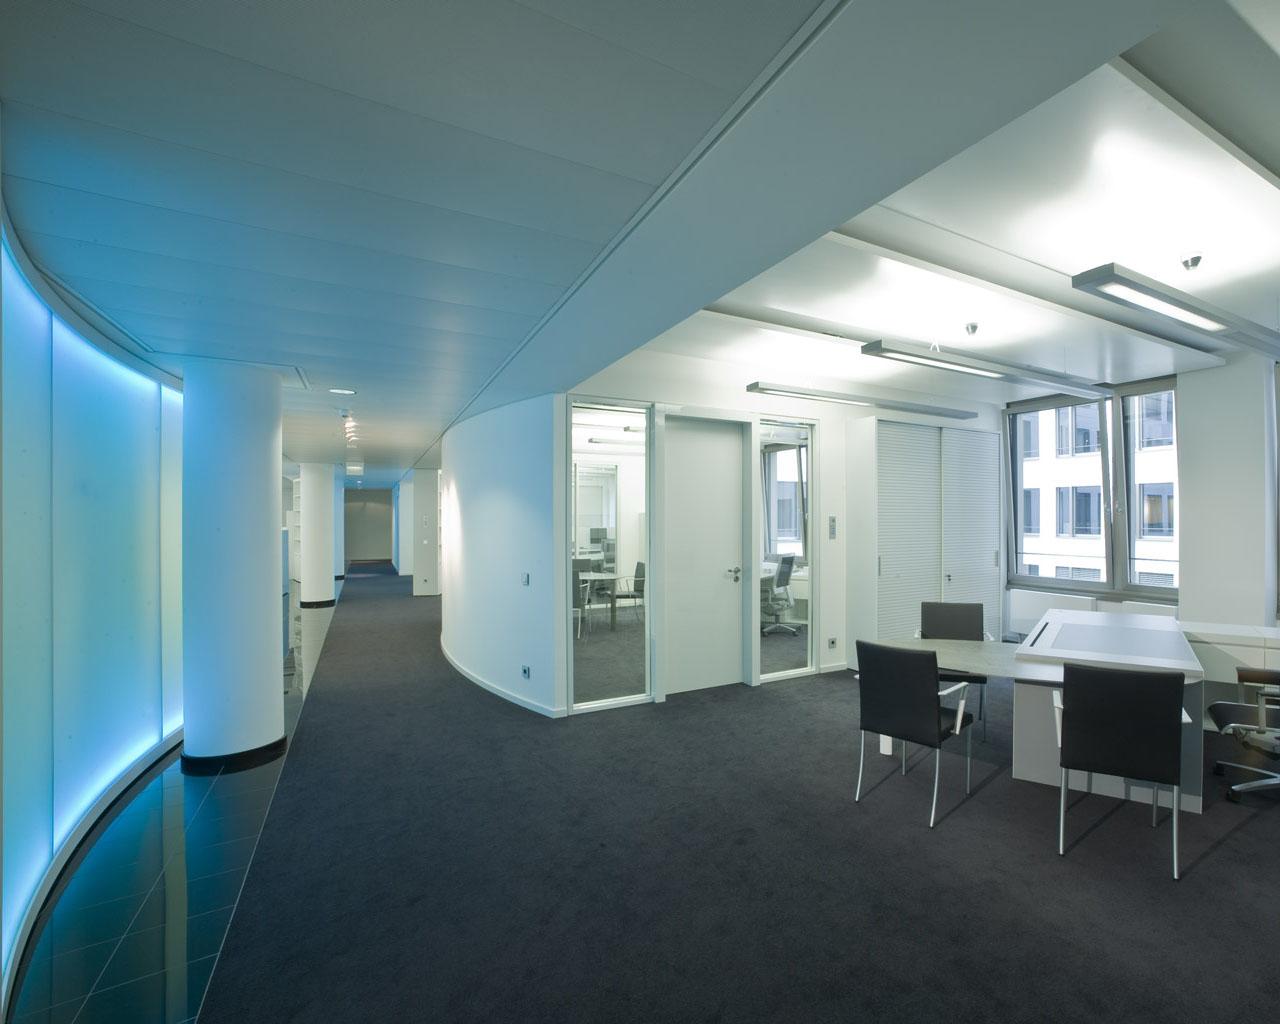 Farben Entwerfen Für Architektur Projekte 1: Architekturbüro Angelika Hülser Stöhr: Projekte